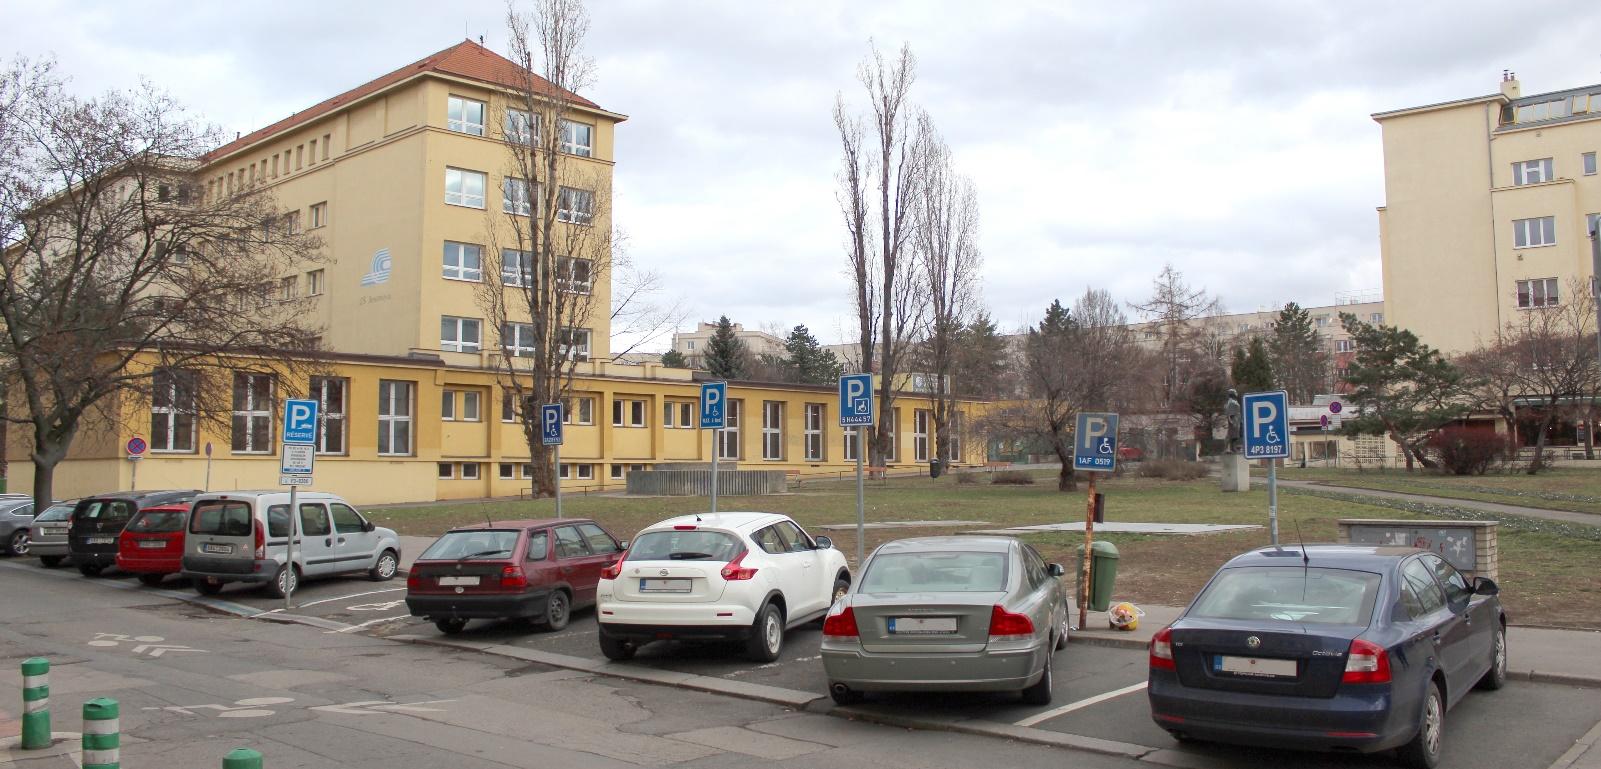 Současný stav parčíku na rohu ulic Jeseniova a Želivského